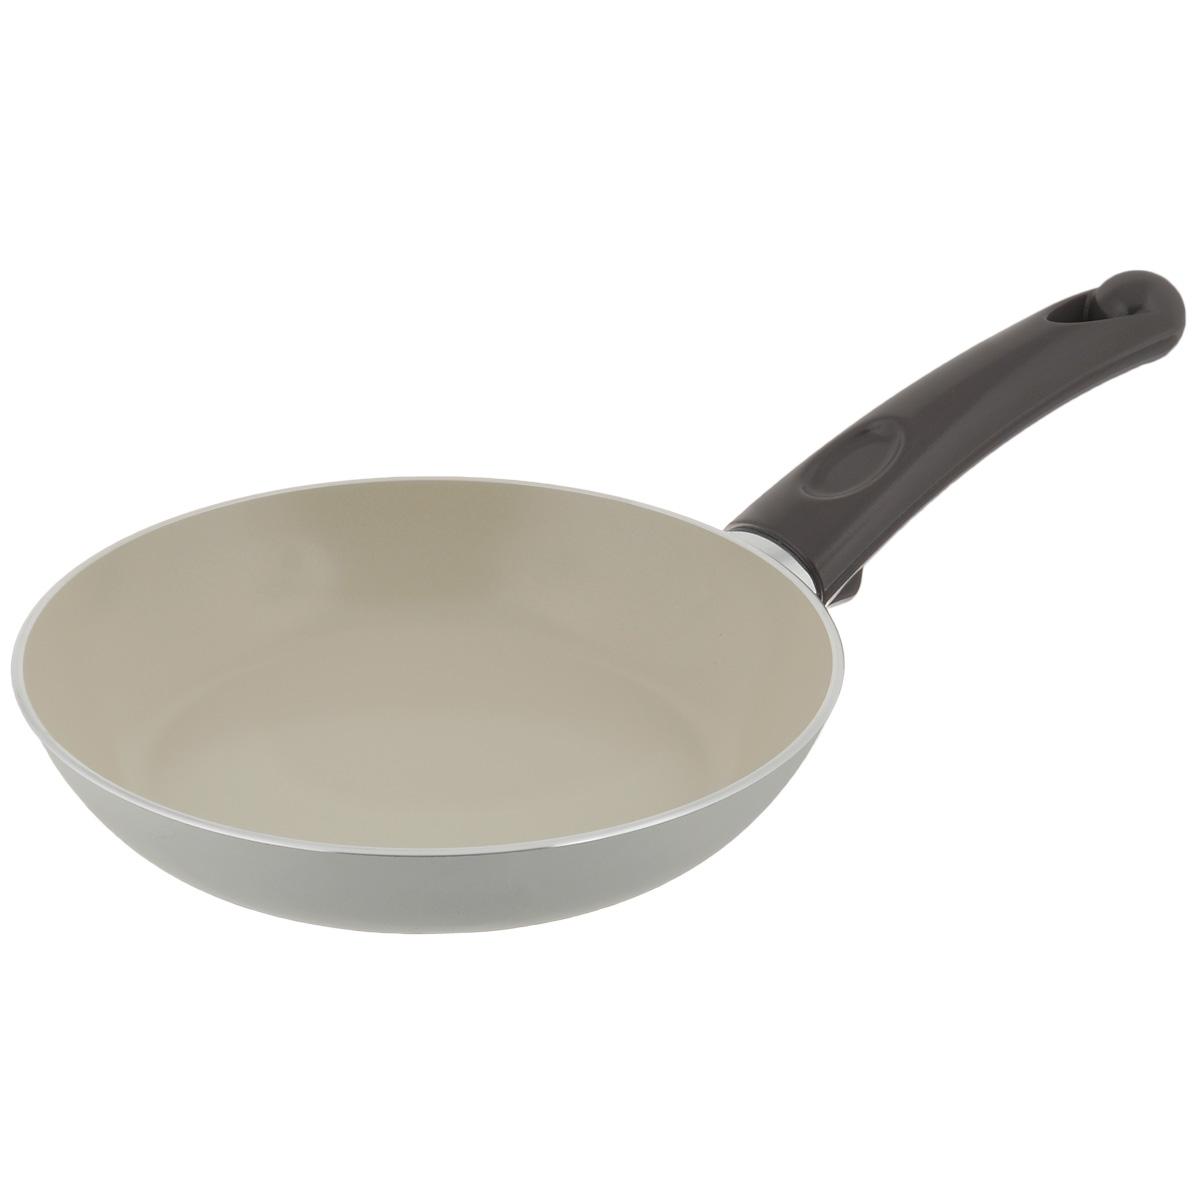 Сковорода TVS Bianca, с антипригарным покрытием, цвет: молочный. Диаметр 20 см сковороды tvs сковорода tvs splendida 24 см